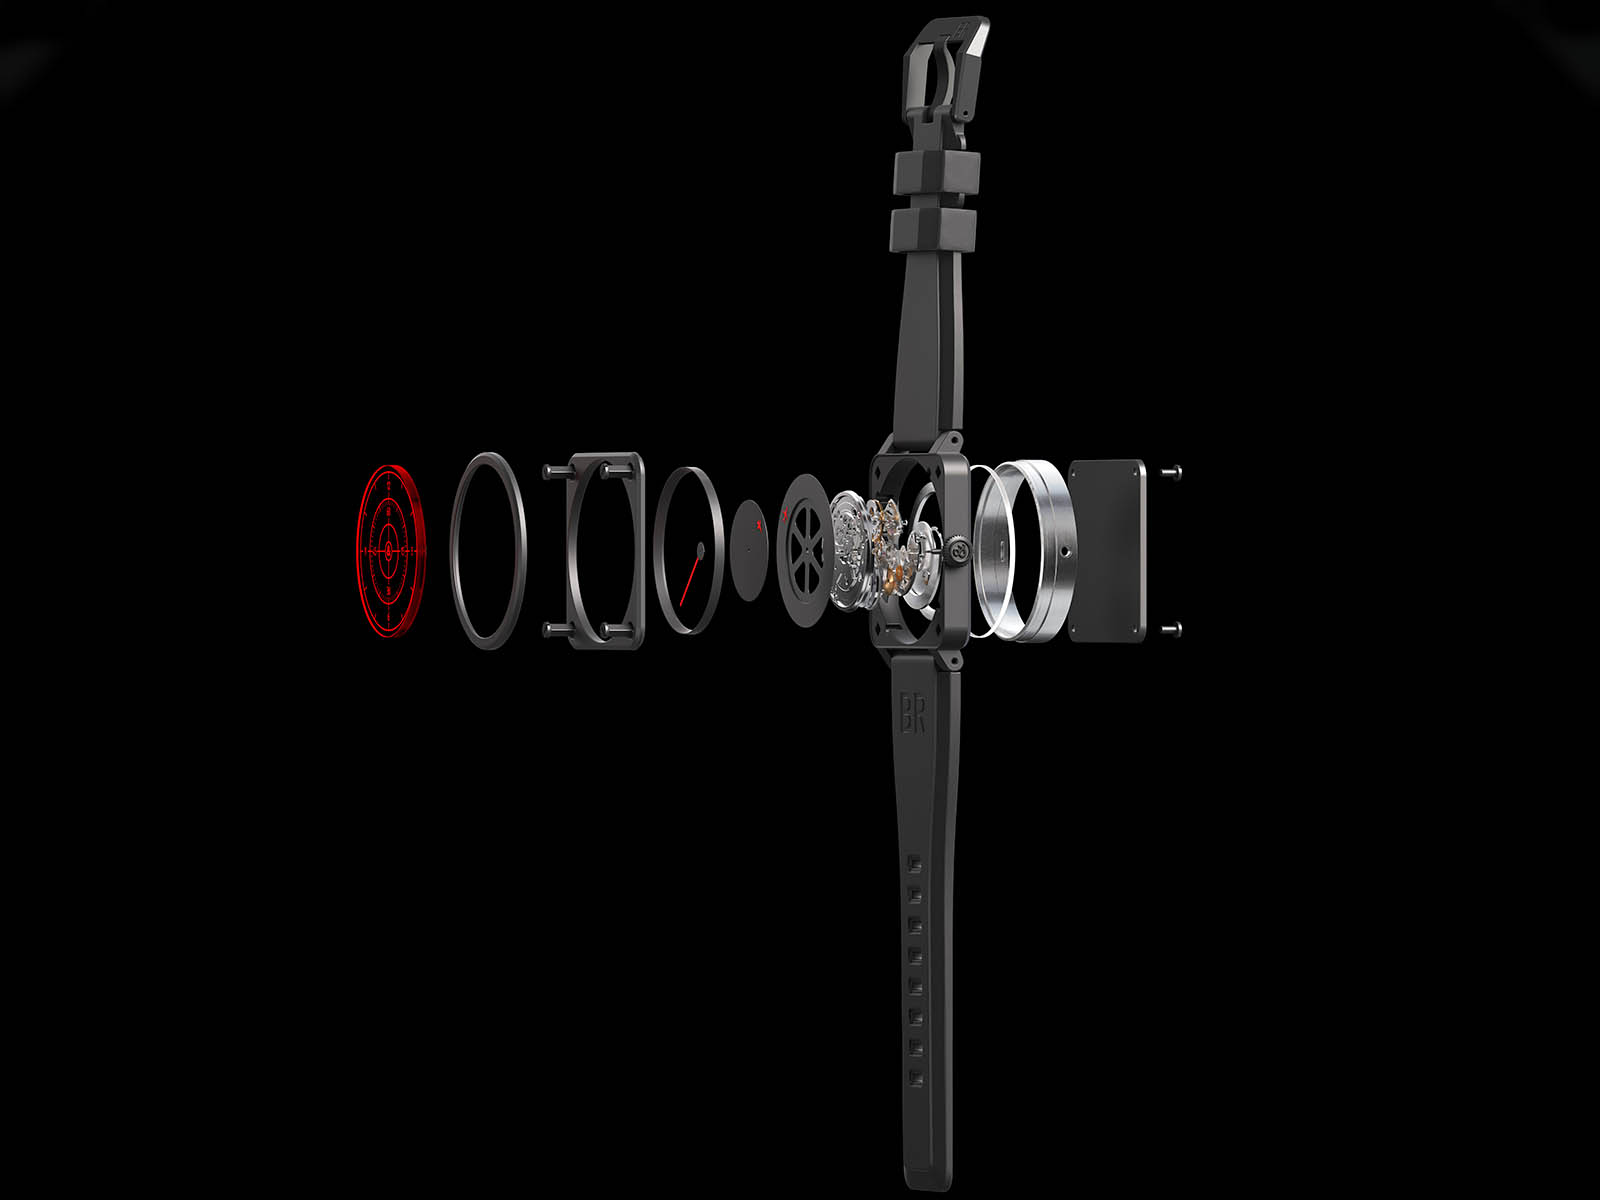 br0392-rrdr-ce-srb-bell-ross-br-03-42-red-radar-ceramic-6.jpg